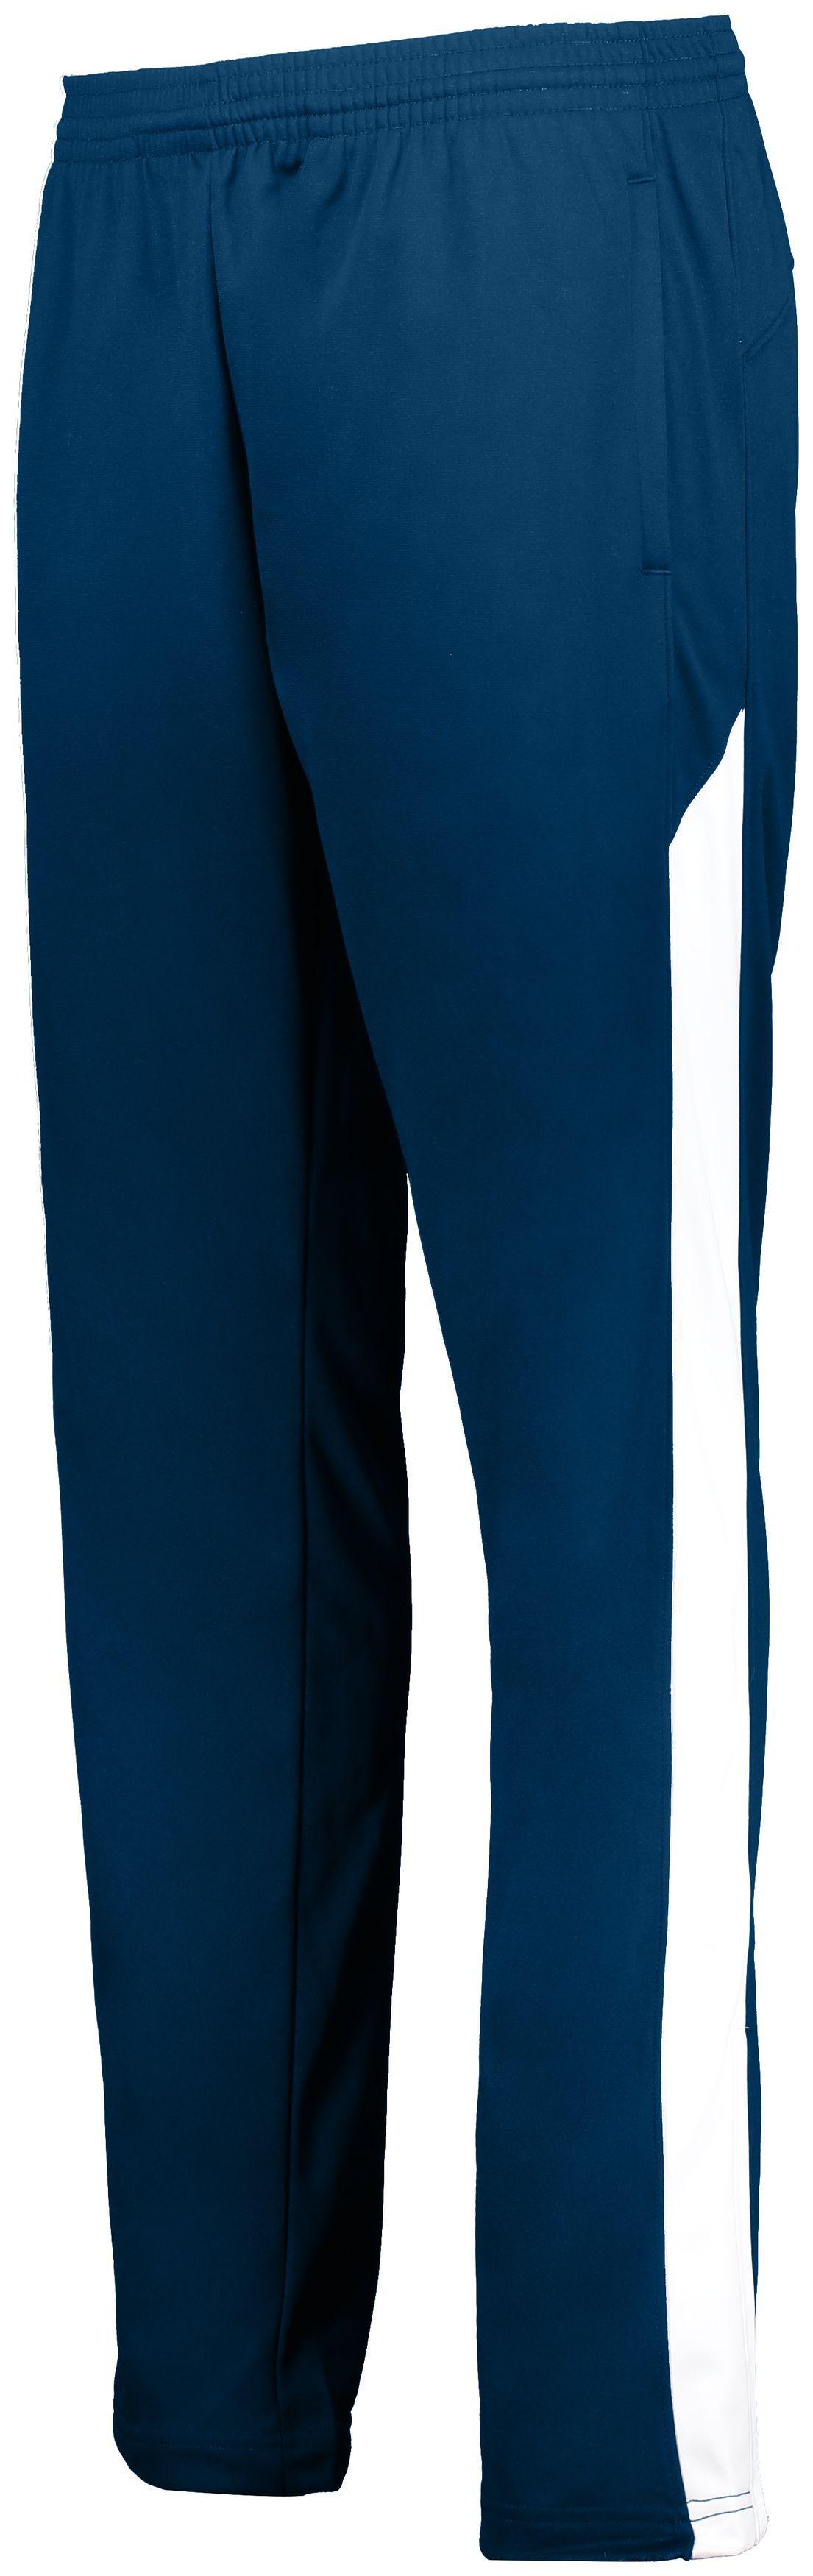 Ladies Medalist Pant 2.0 - NAVY/WHITE